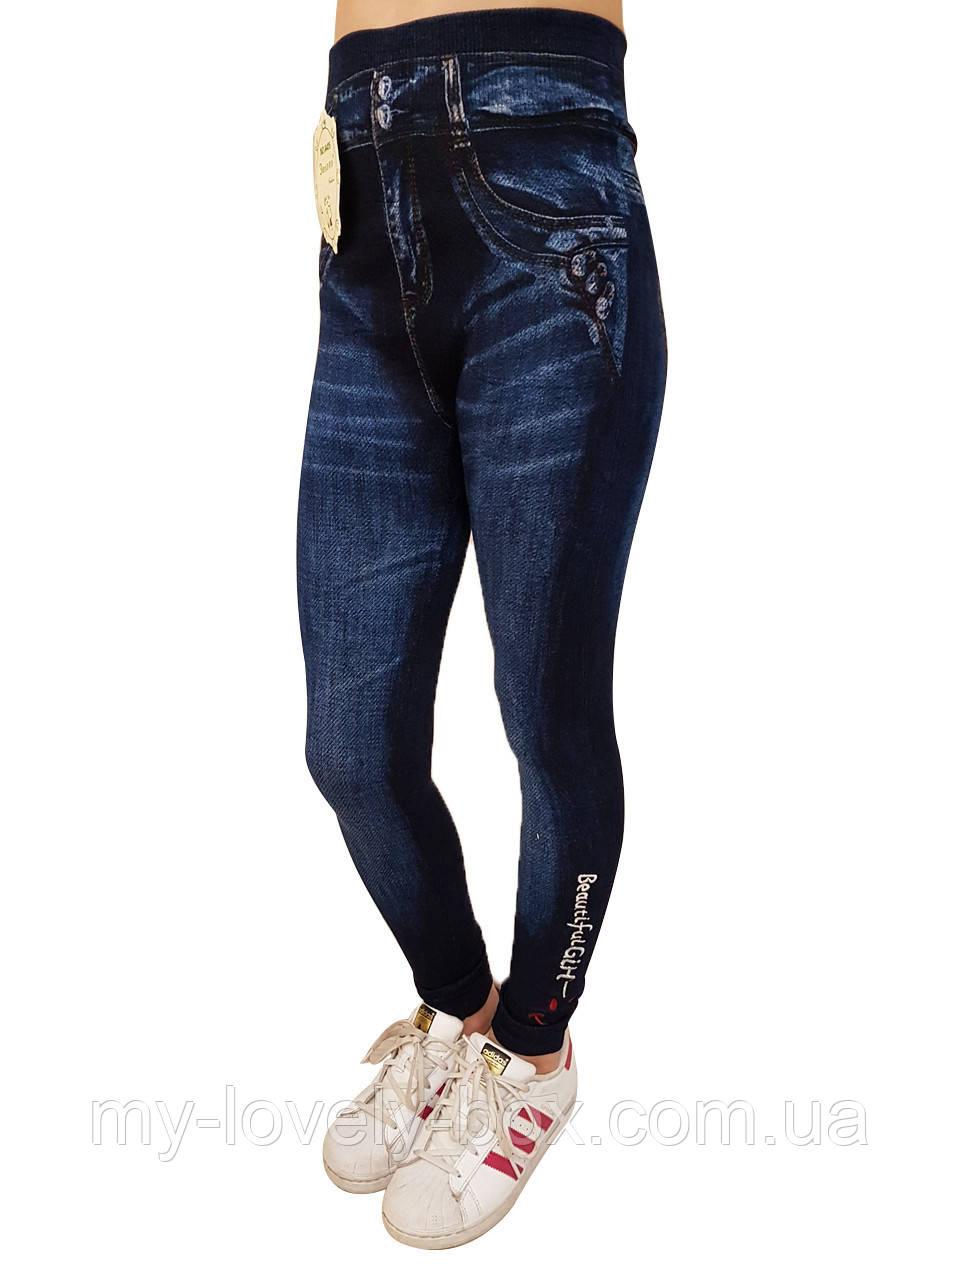 ОПТОМ.Лосины детские под джинс ХЛОПОК (Арт. A435) | 12 пар